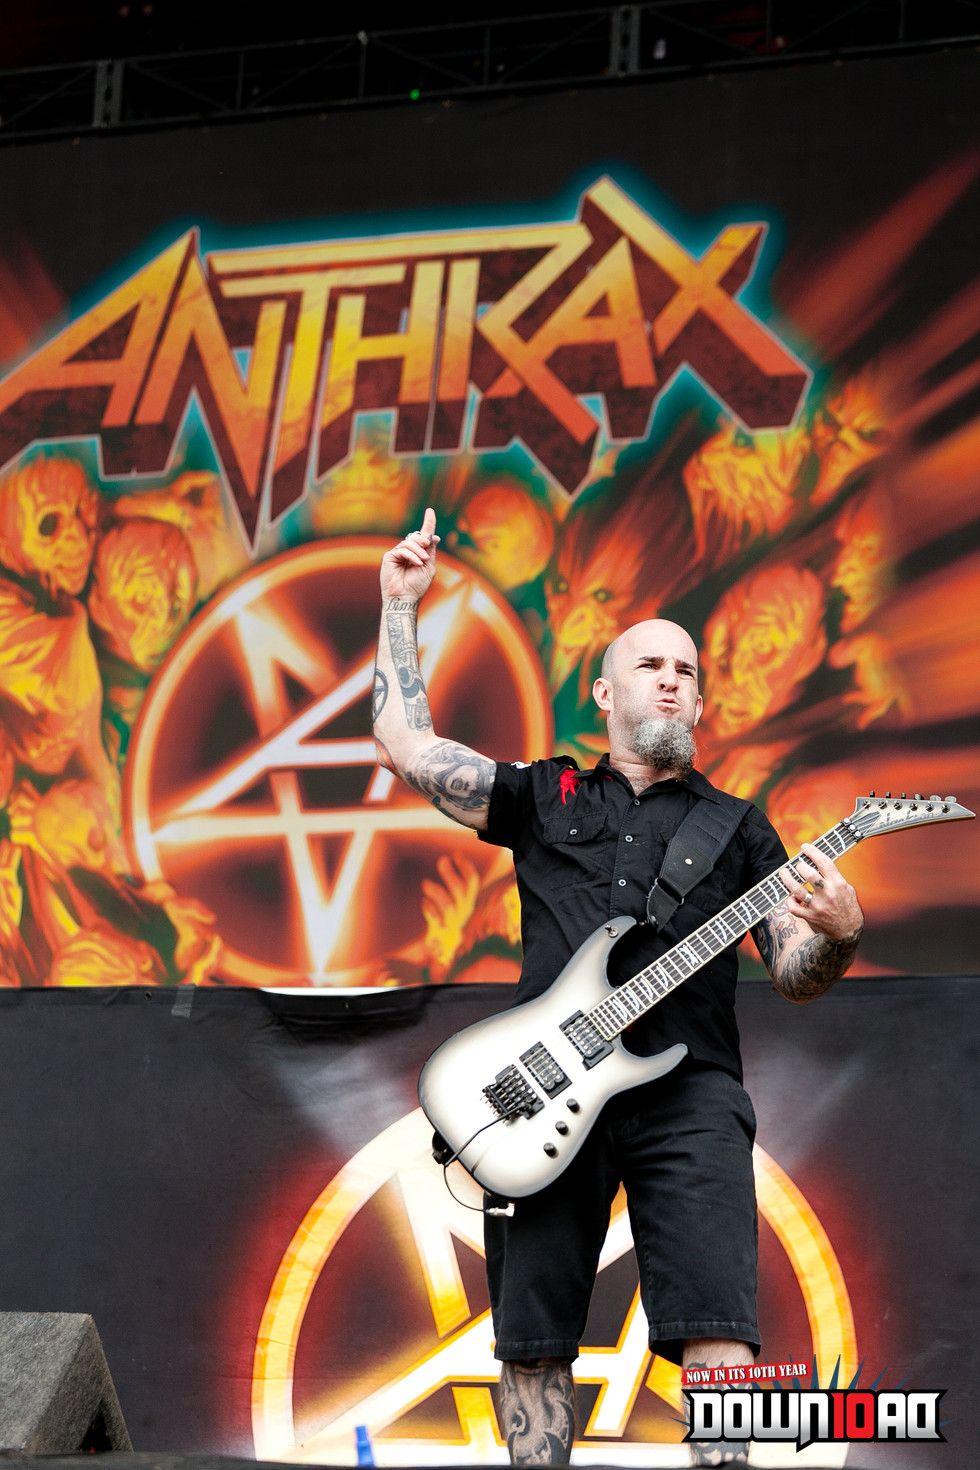 Anthrax | Metal | Heavy metal music, 80s metal bands, Metal